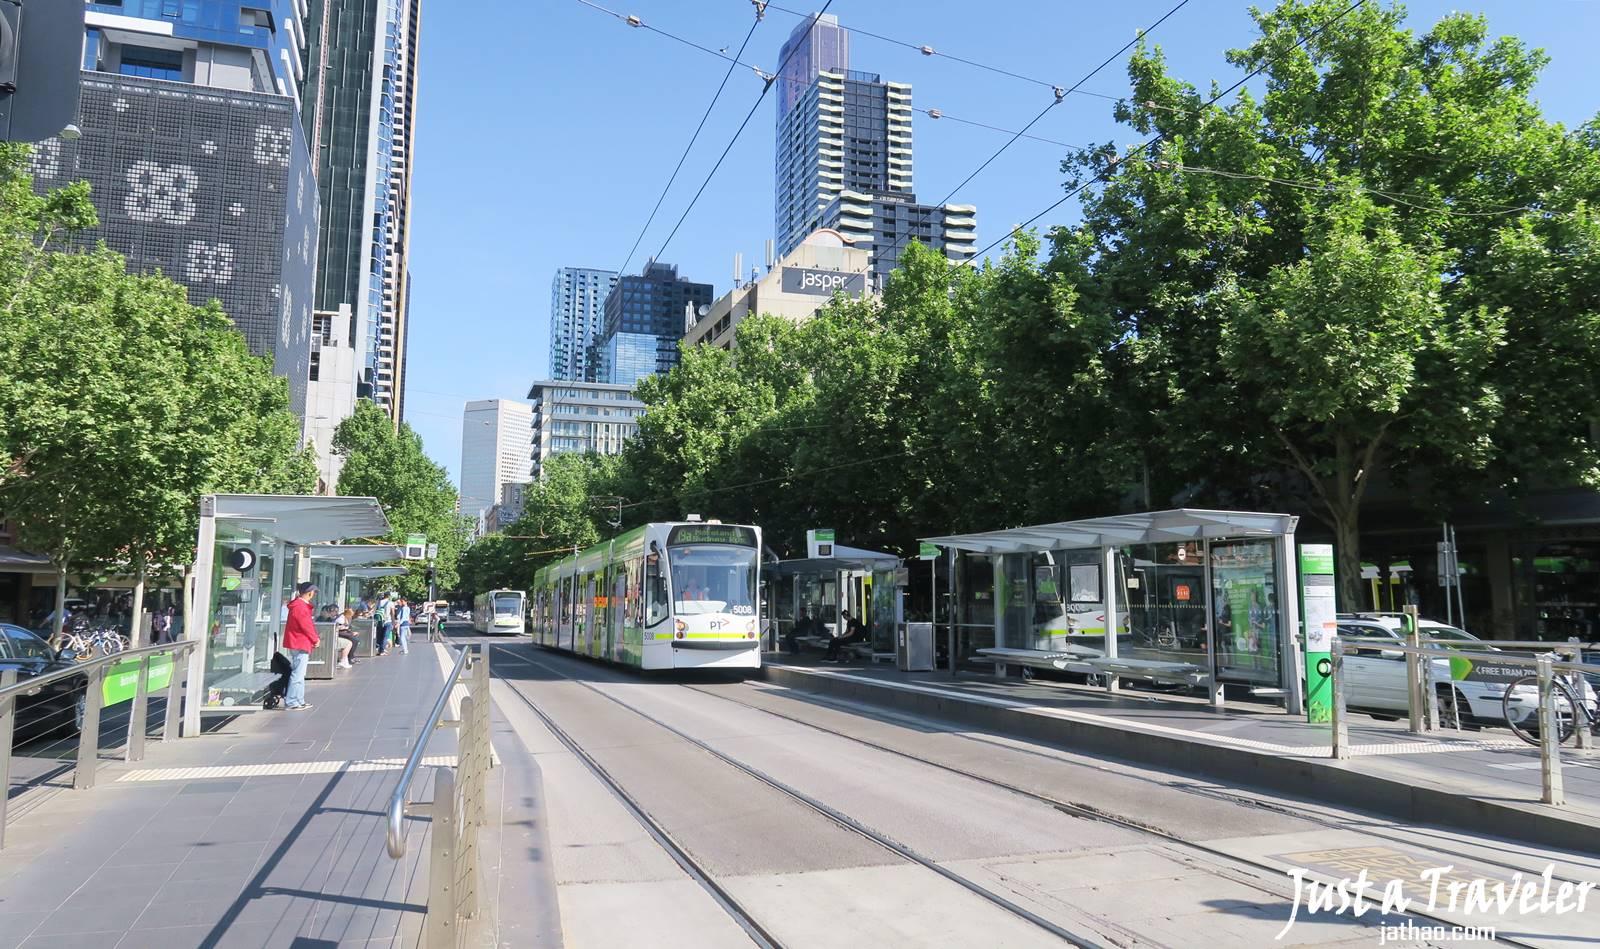 墨爾本-交通-myki-電車-火車-攻略-介紹-教學-搭乘-票價-melbourne-transport-tram-train-bus